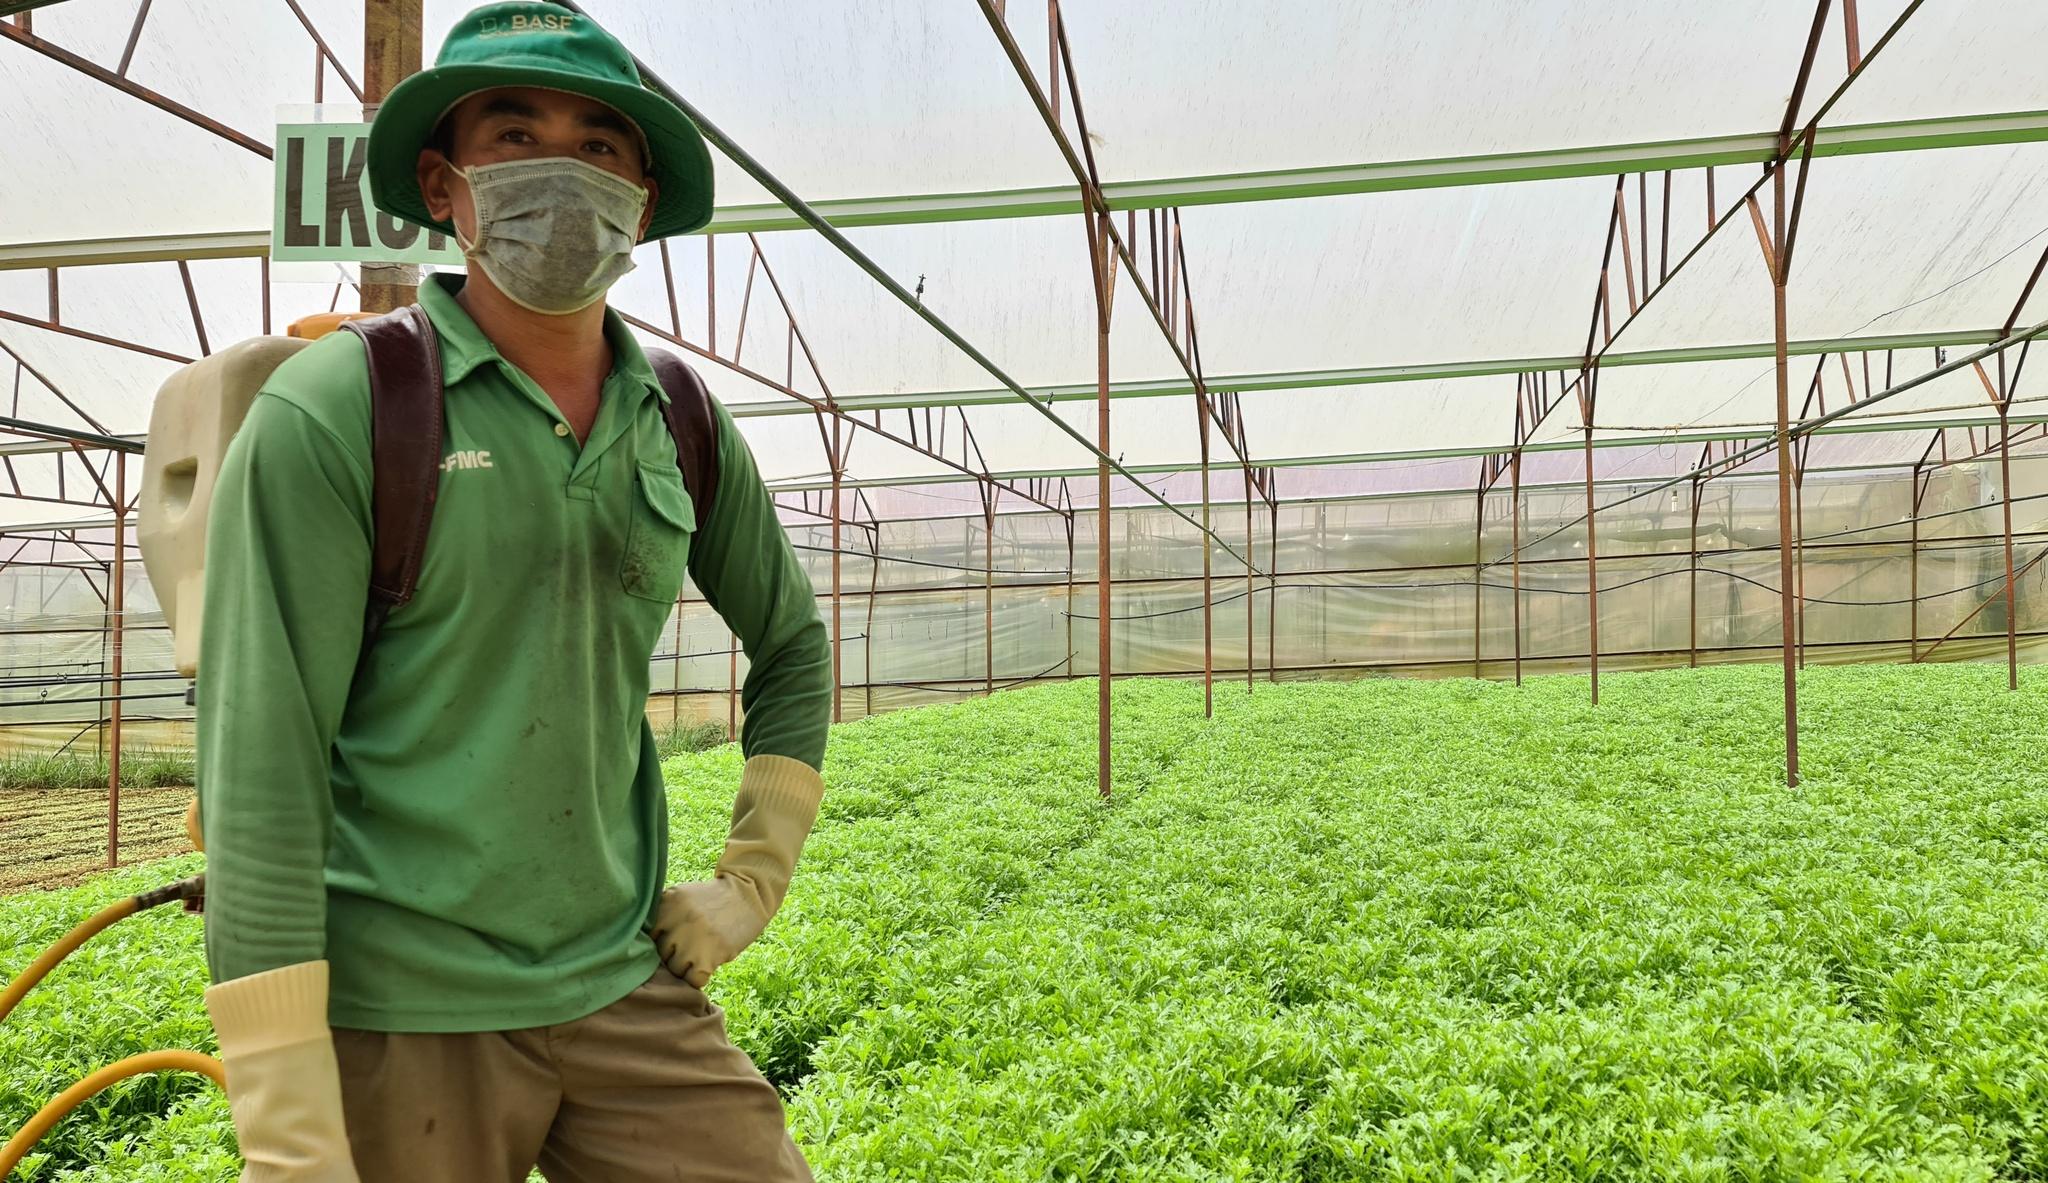 Nông dân Trần Minh Khuê, P.7 Đà Lạt đang mong sẽ bán được vườn tần ô, trước đây đã 2 lần phải cho các nhóm làm từ thiện. Ảnh: Lâm Viên